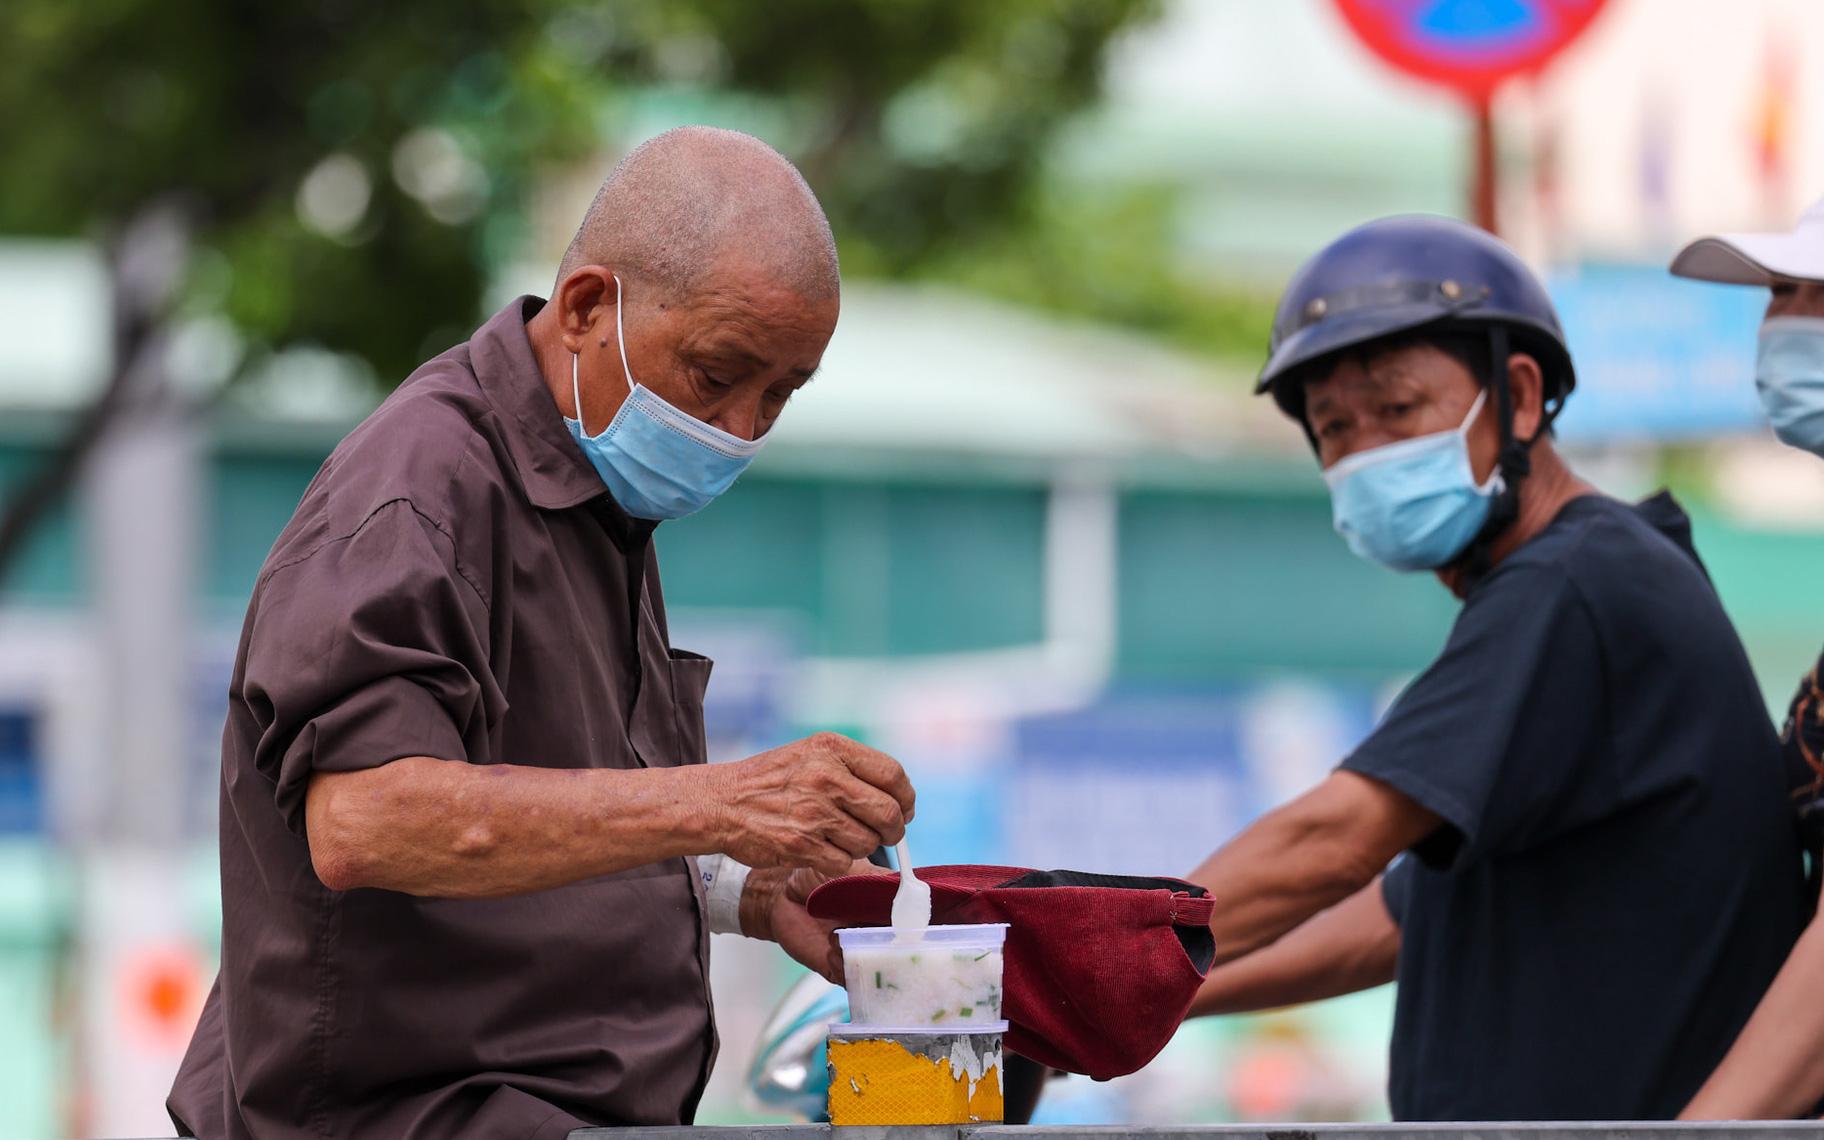 Thư Sài Gòn (số 15): Người yếu thế ở Sài Gòn và câu chuyện niềm tin đi qua COVID-19